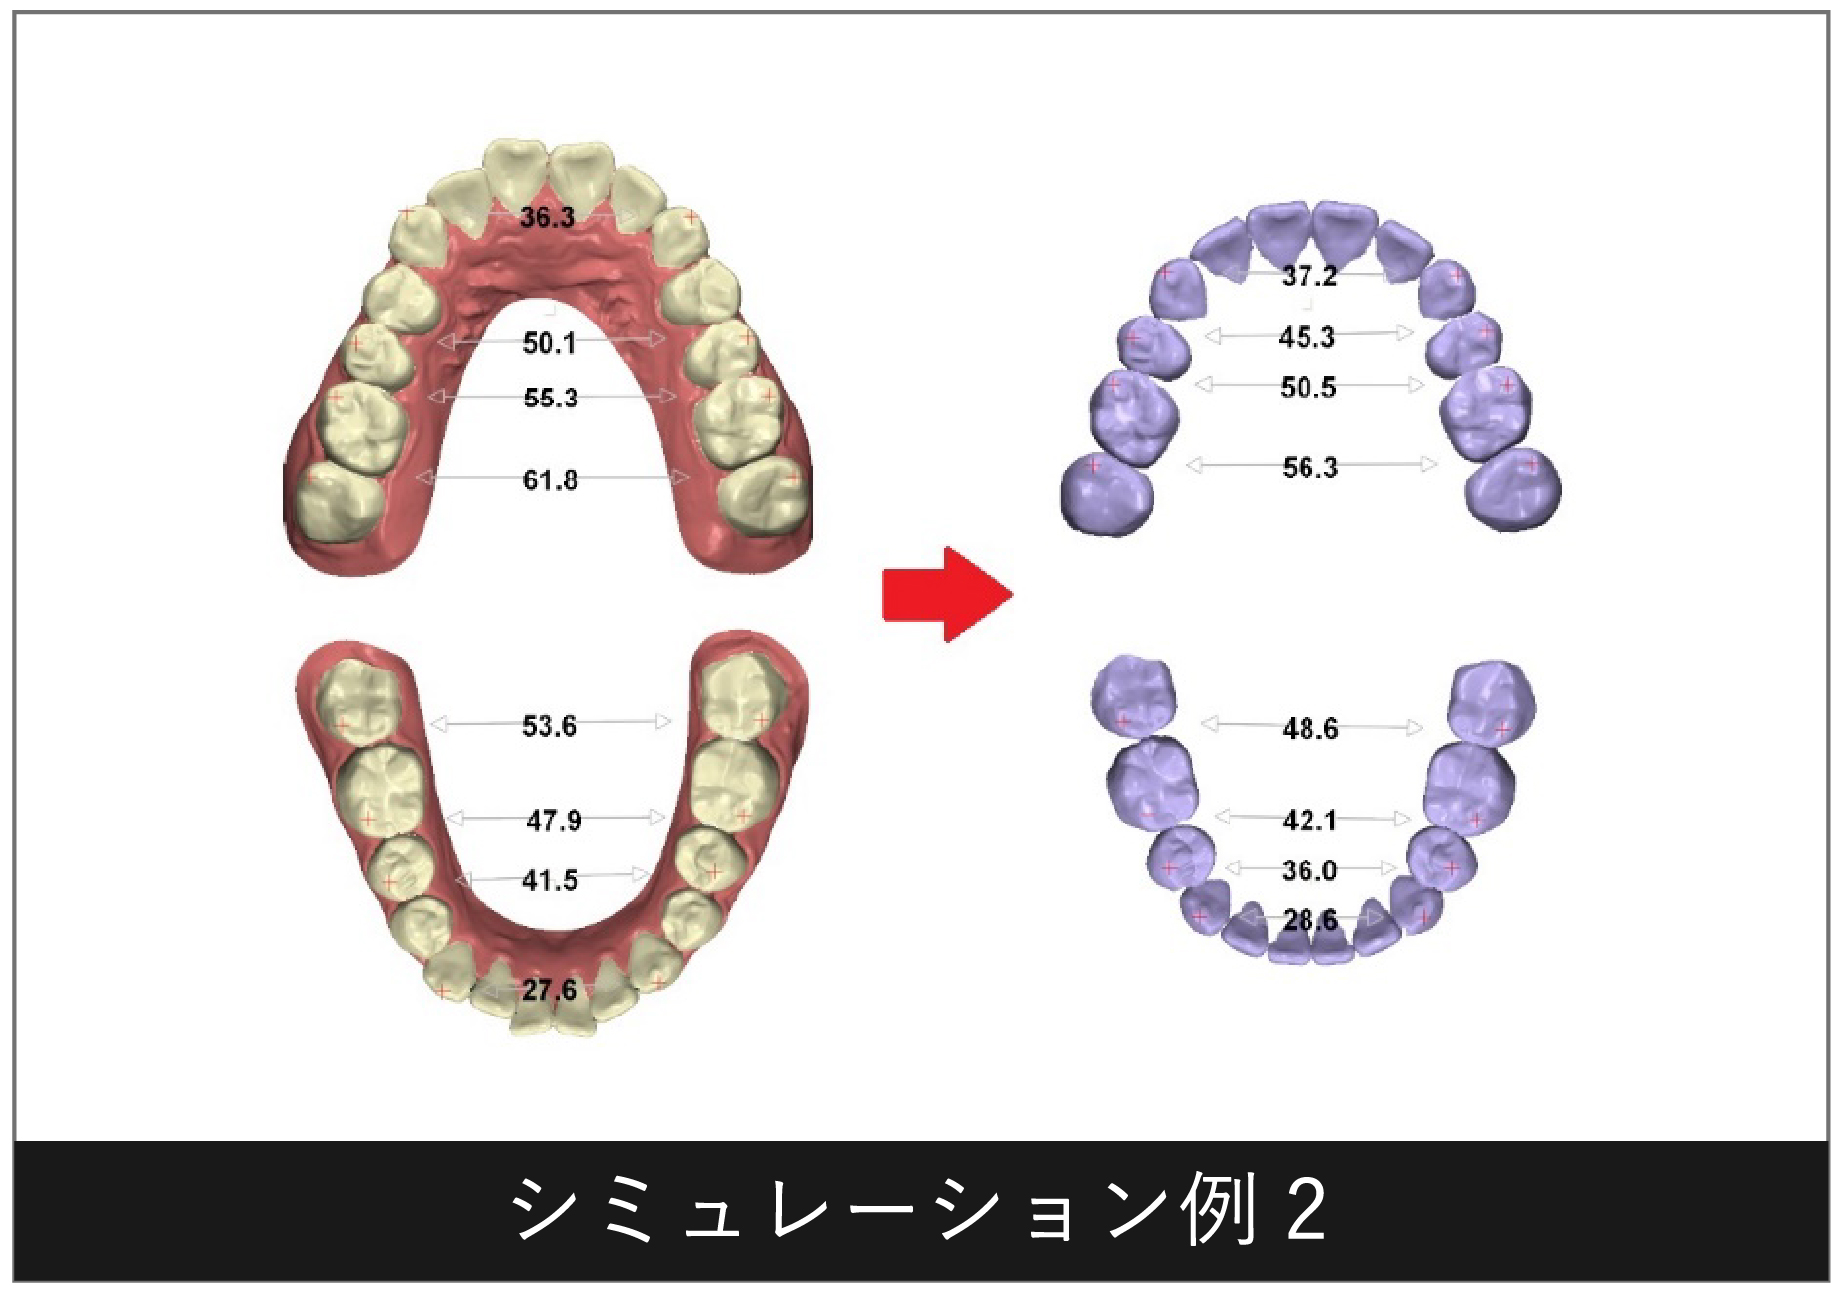 デジタルセットアップシミュレーション例2